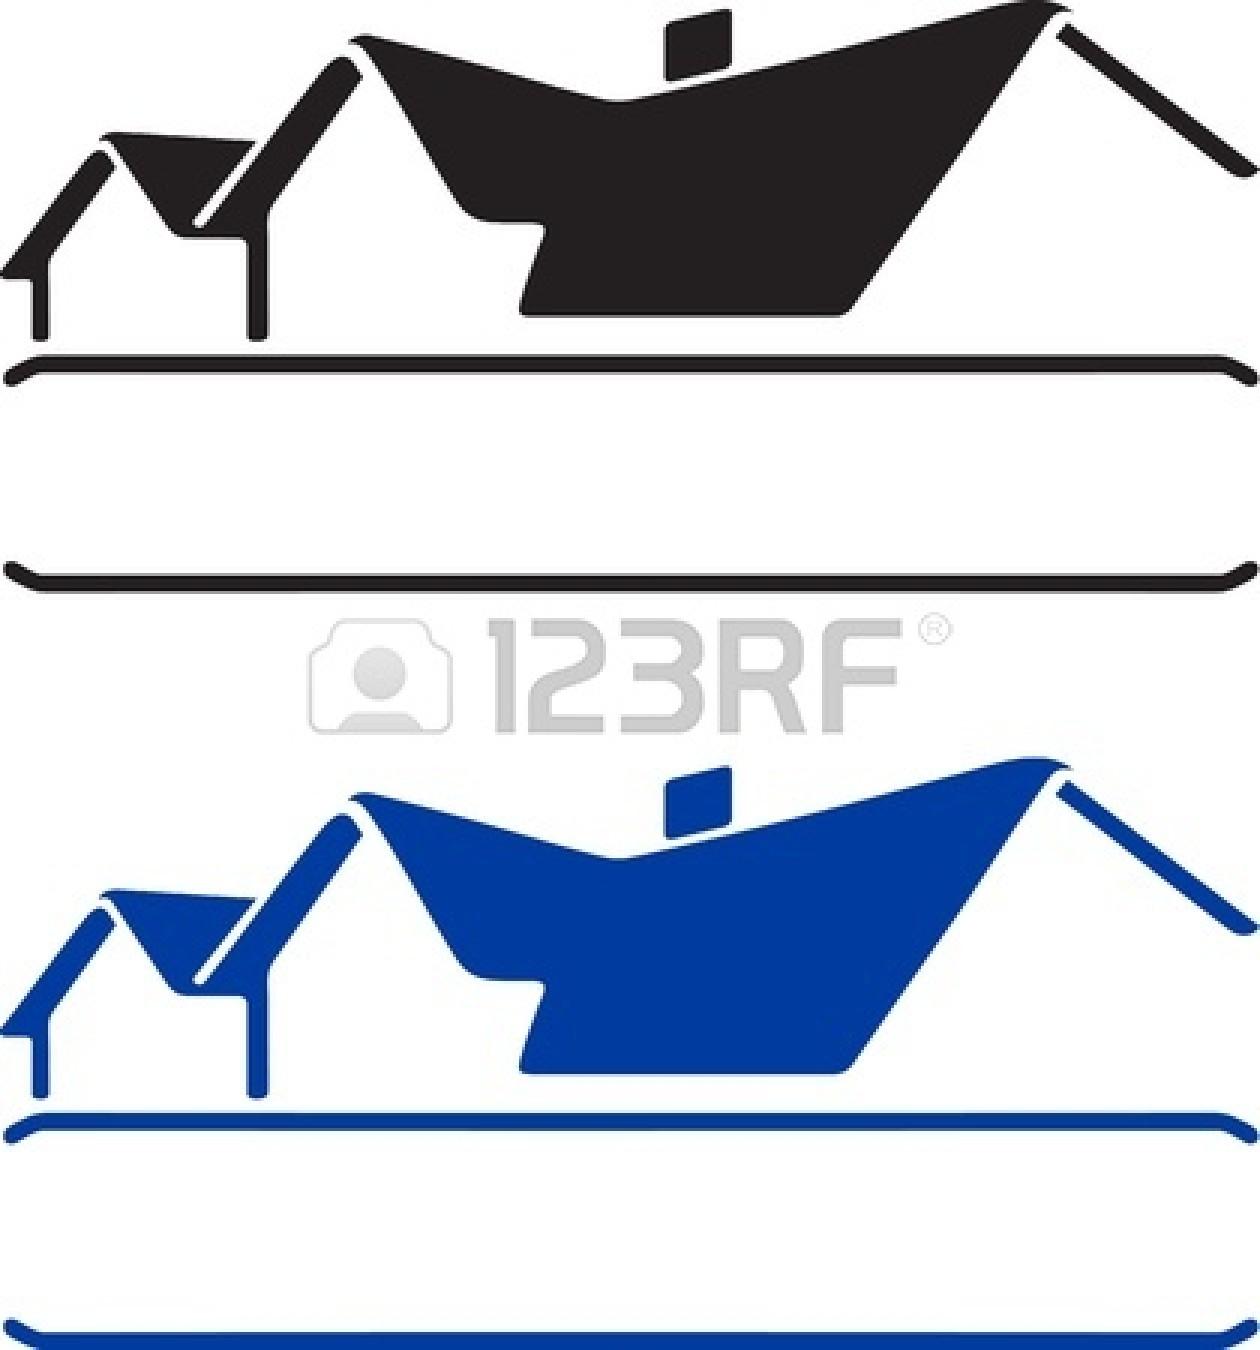 clip art logo images - photo #44